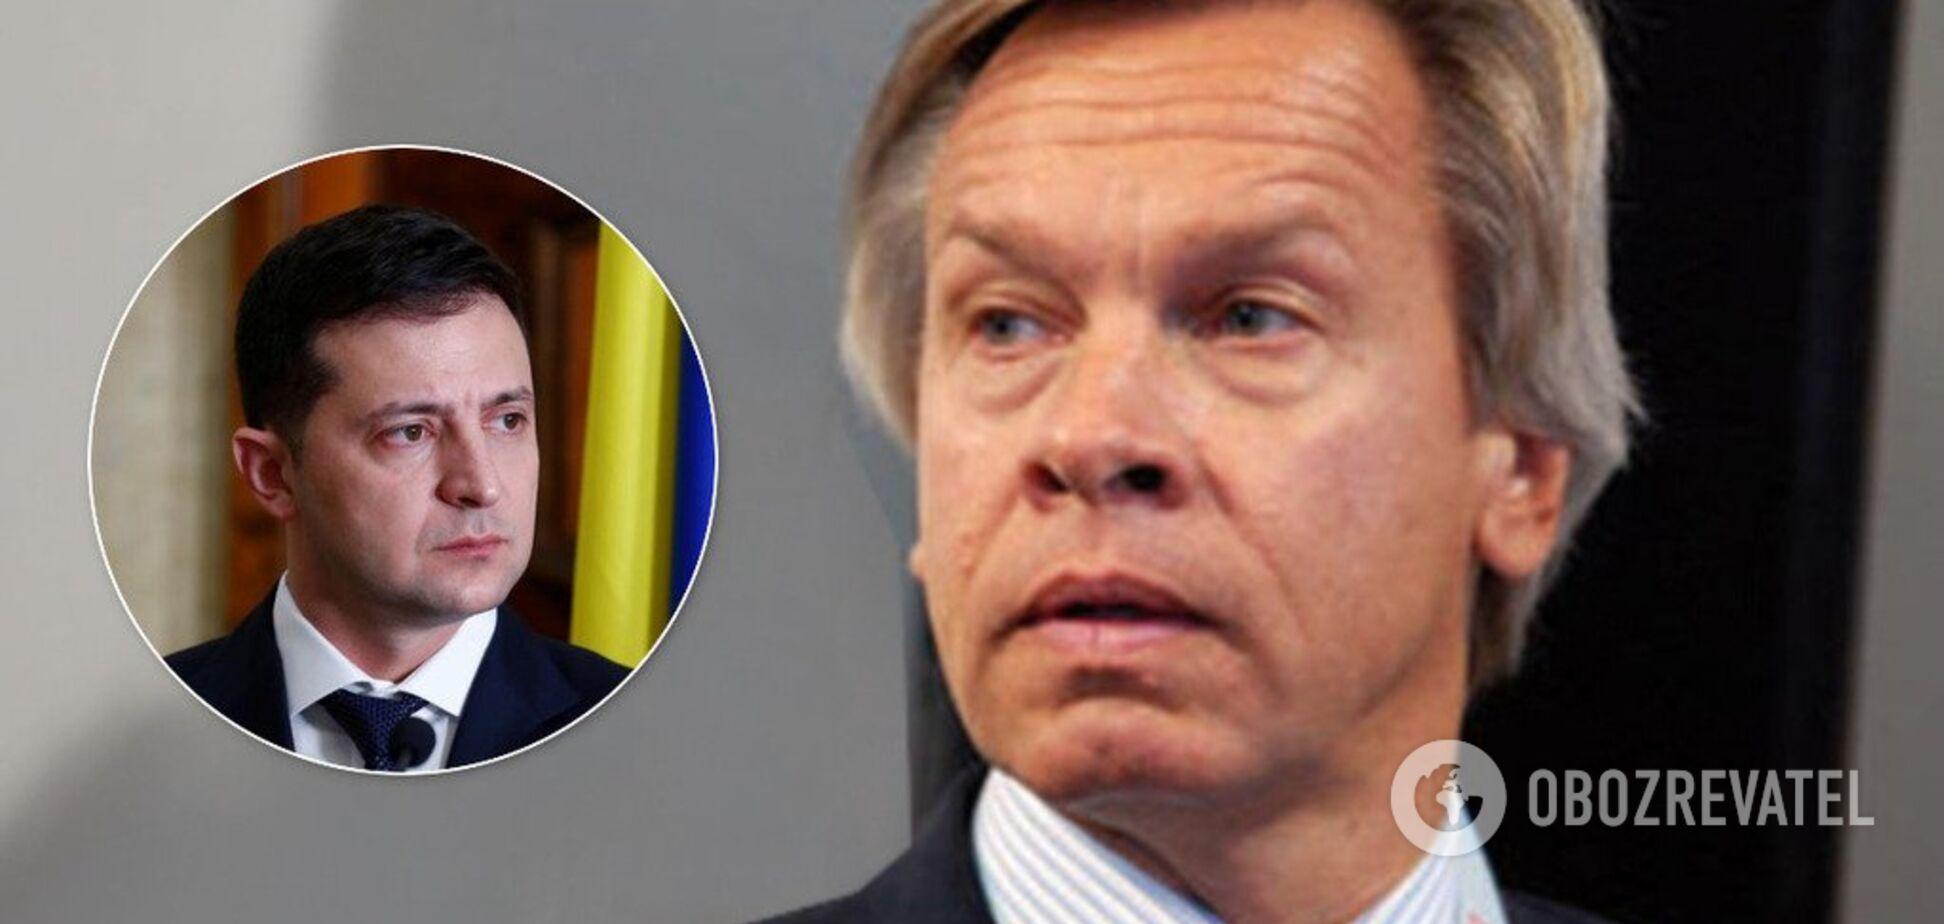 'Бойовики епохи Порошенка': в Росії публічно похвалили Зеленського за газові перестановки